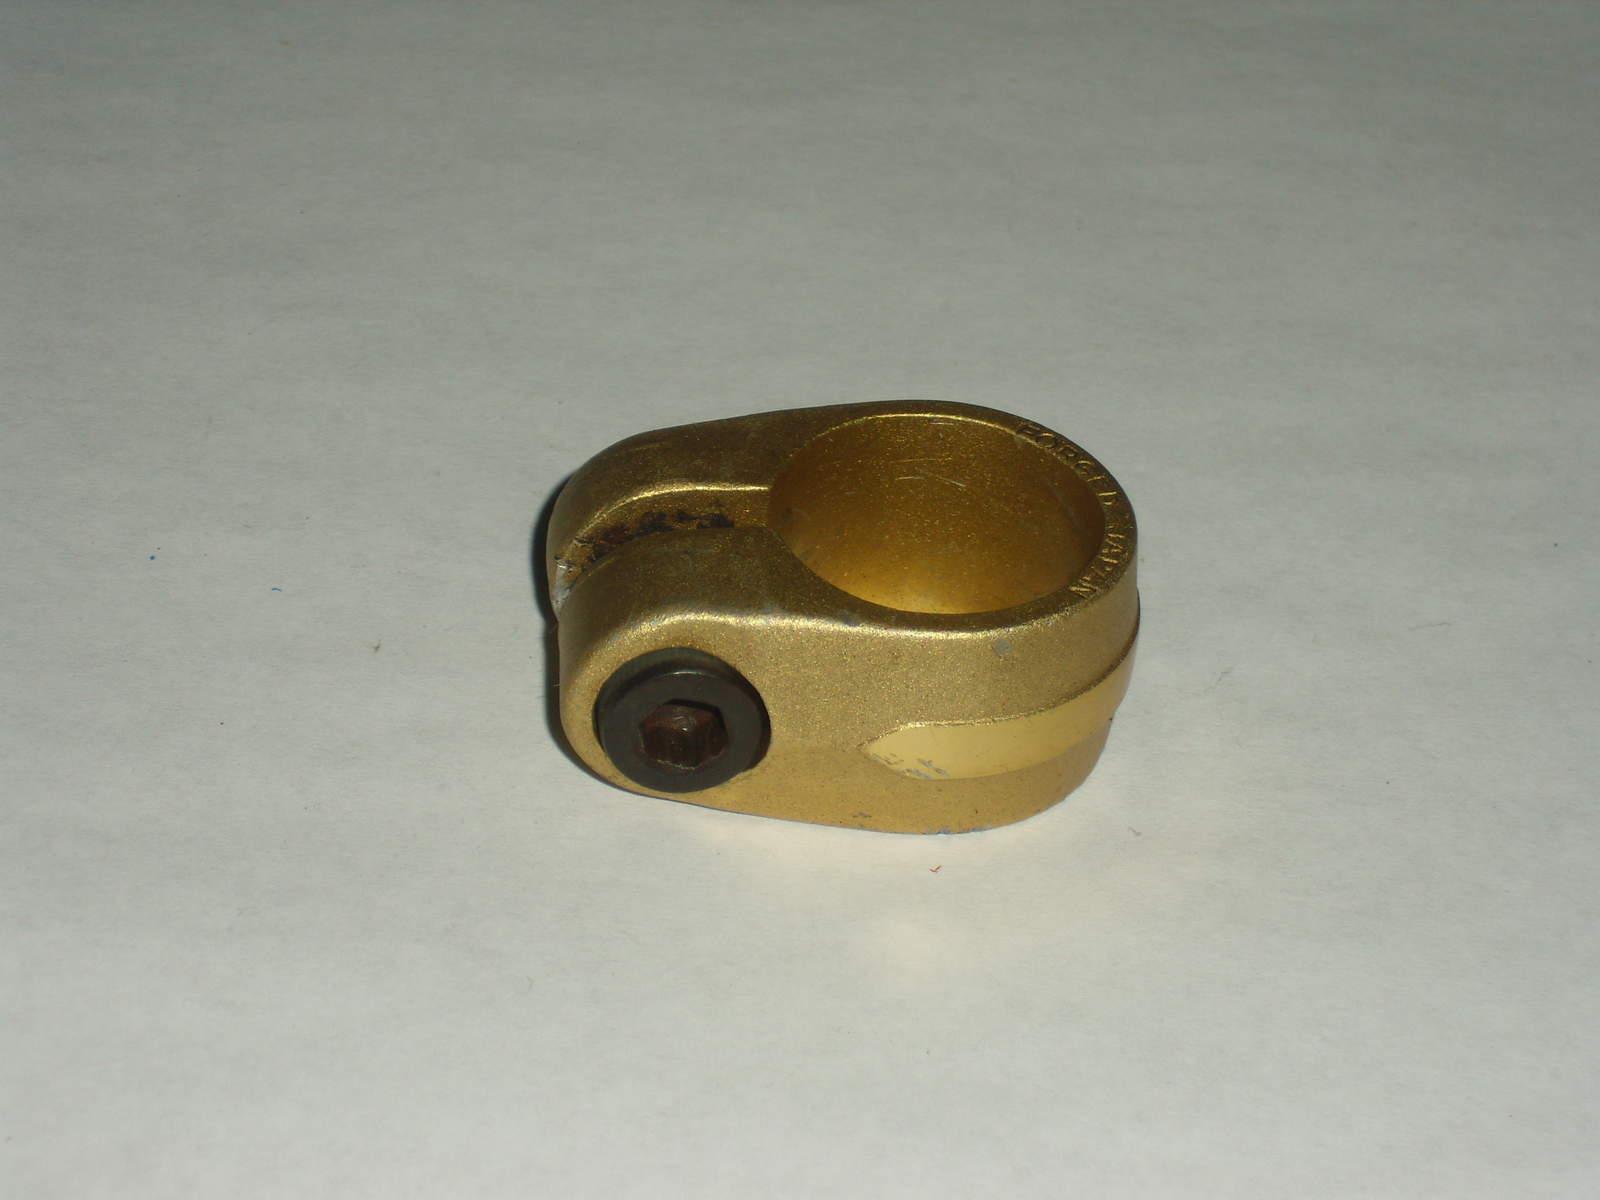 http://uploads.bmxmuseum.com/user-images/18293/dsci05245a56716e4c.jpg